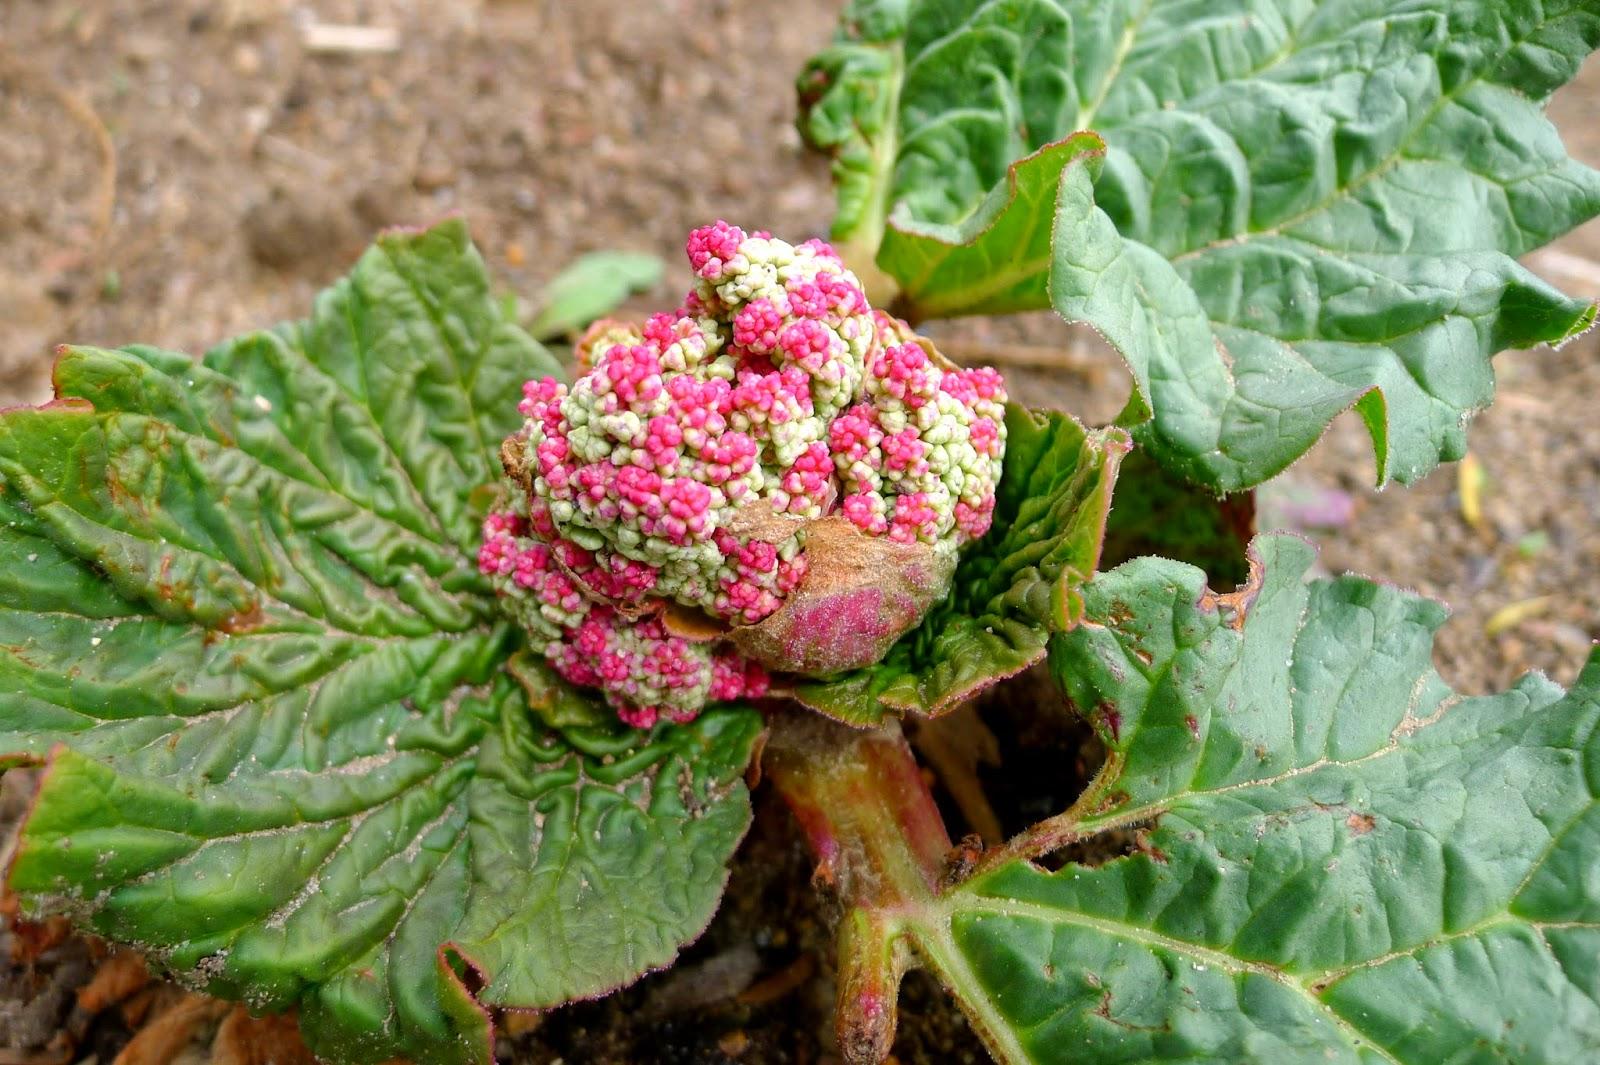 Bolting rhubarb